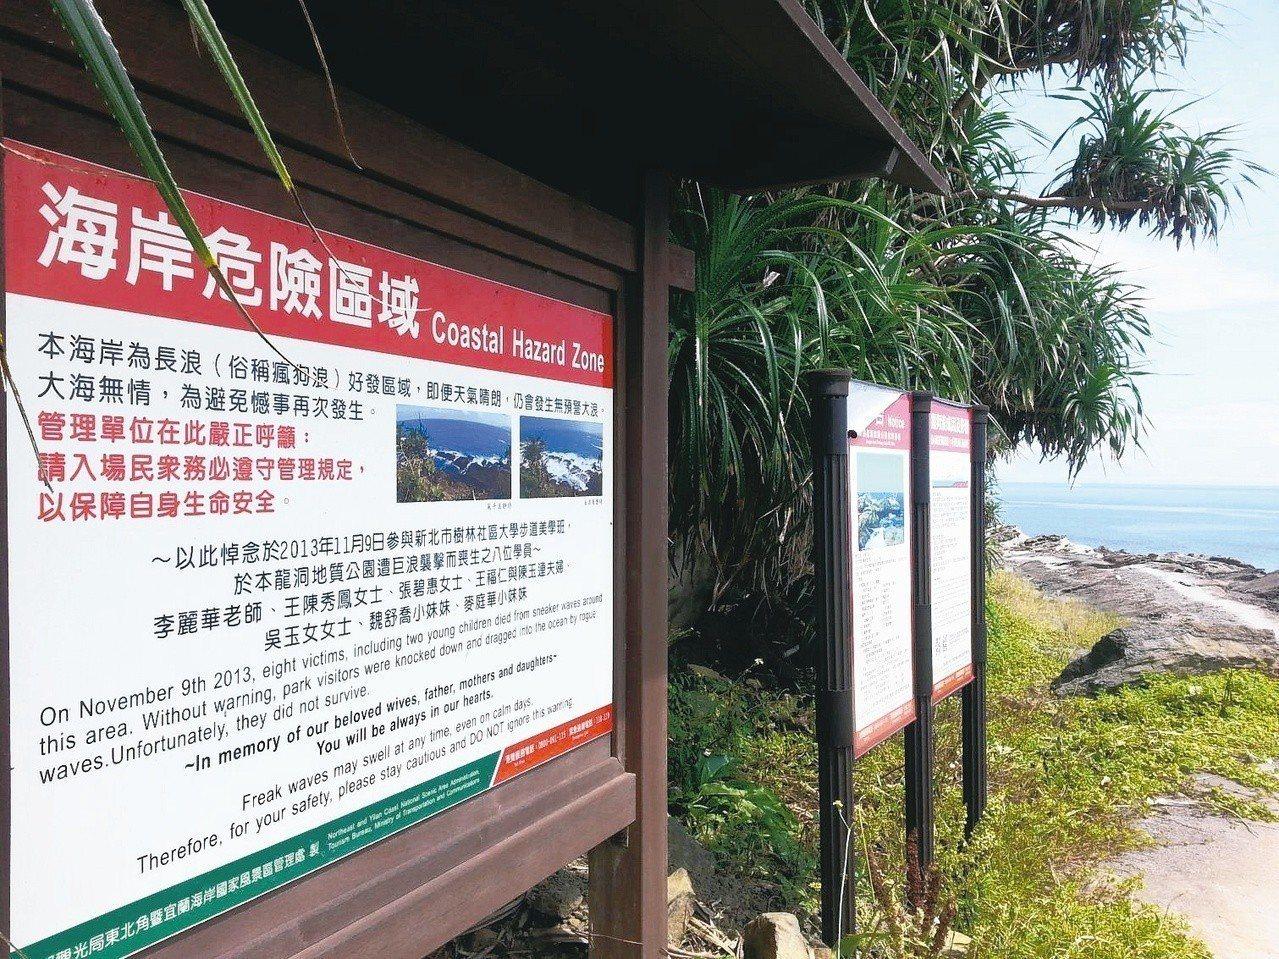 2013年龍洞瘋狗浪意外事故發生後,在通往地質區的入口處設立告示牌,提醒民眾注意...